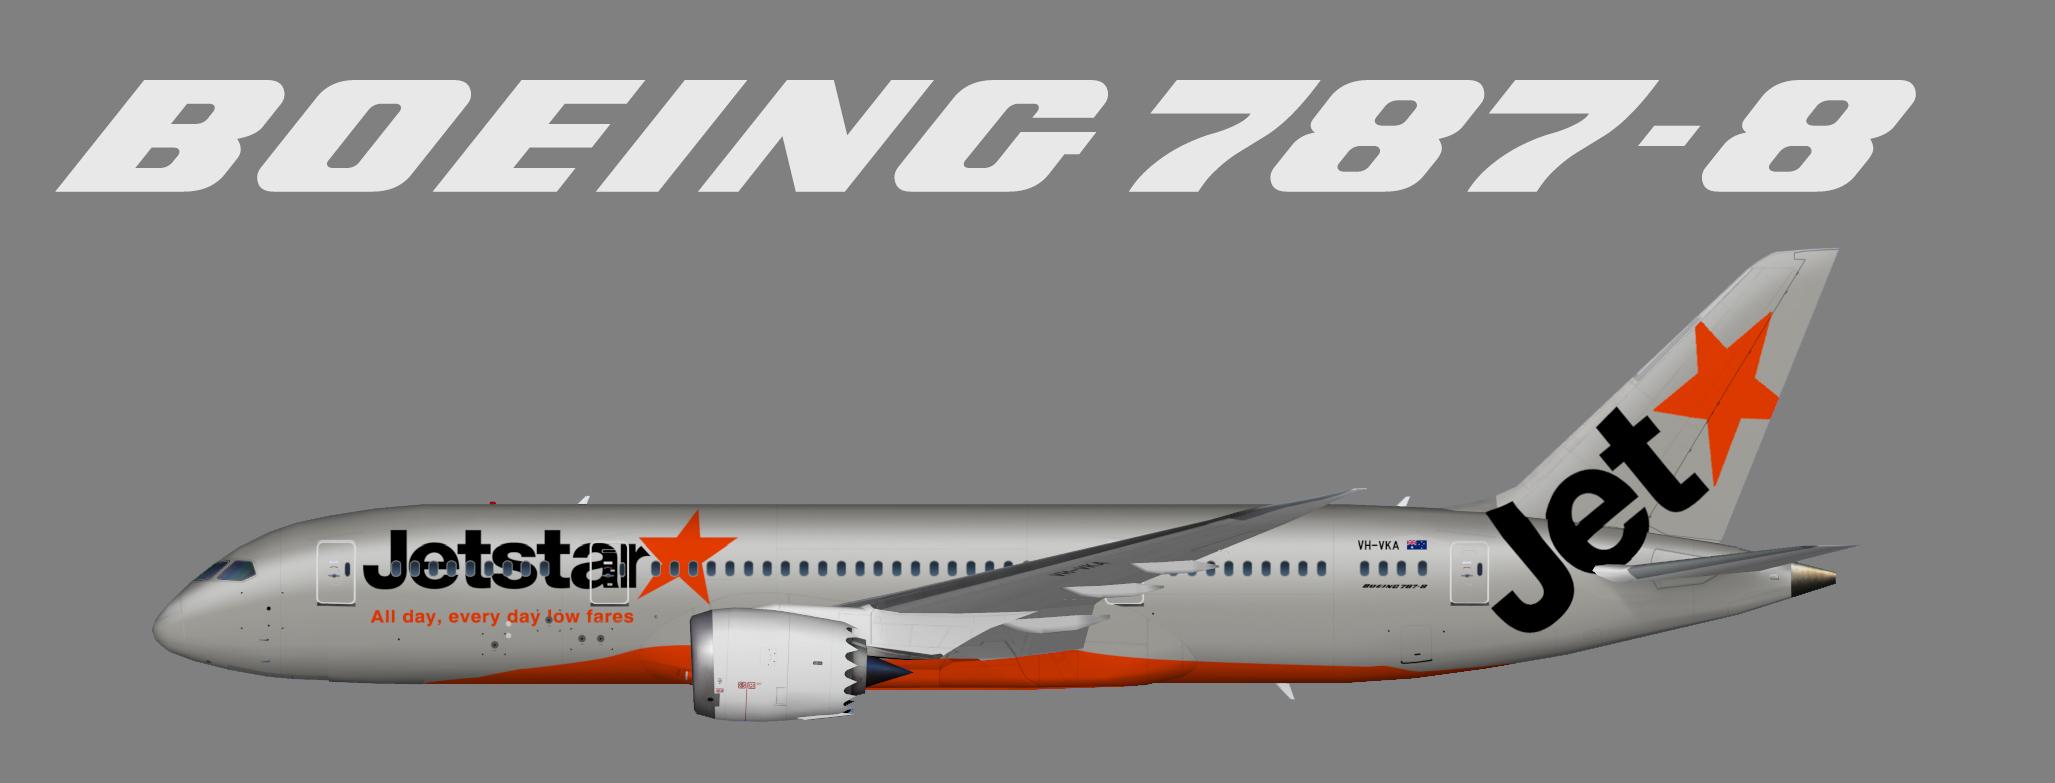 Jetstar Australia Boeing 787-8